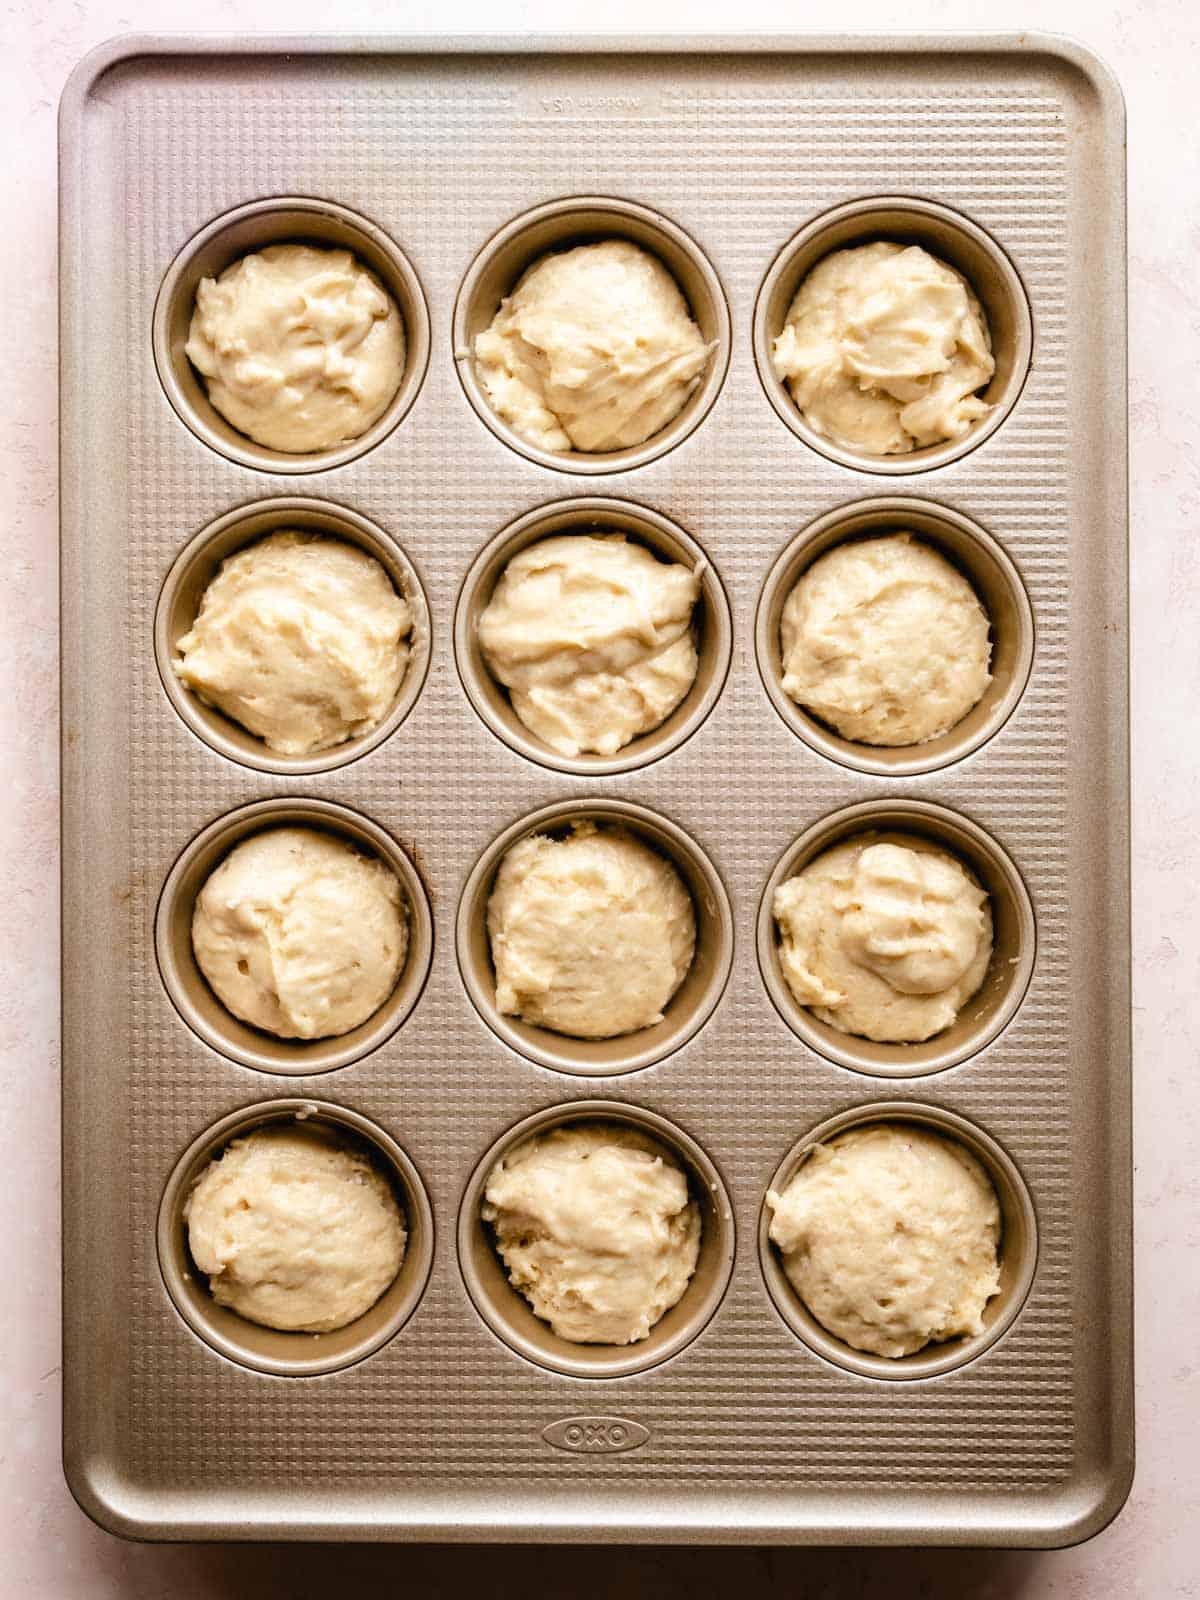 muffin batter in cupcake tin